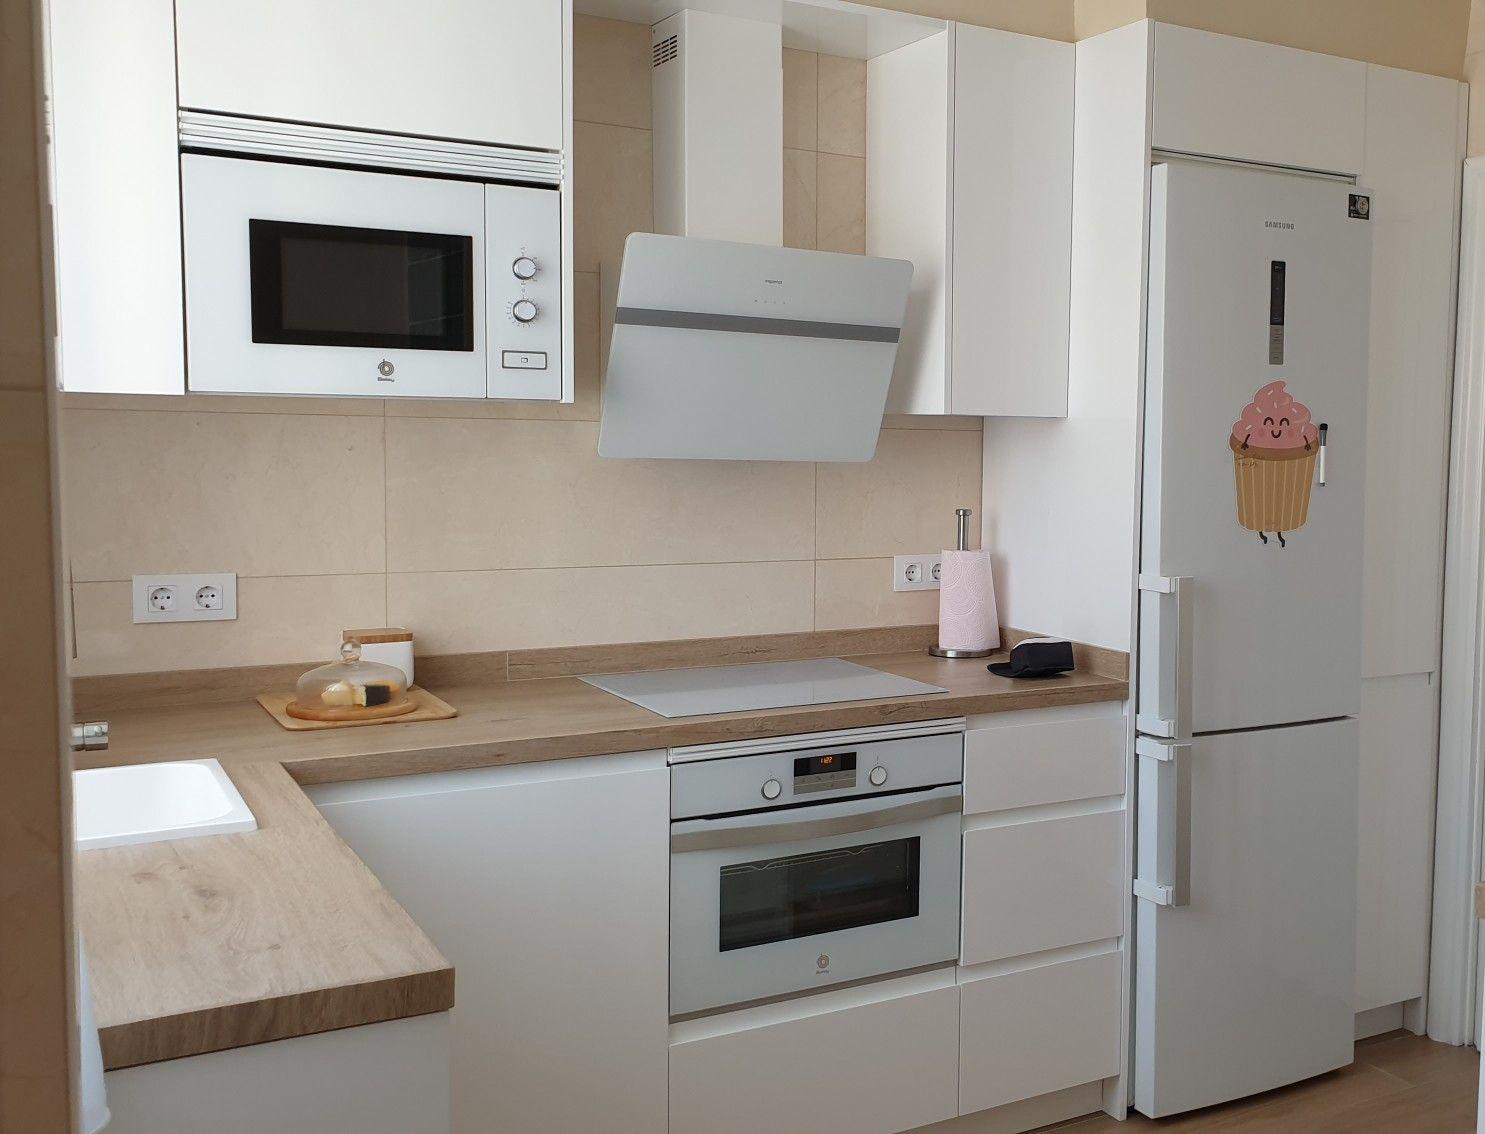 Cocina Blanca En L Cocinas De Casas Pequenas Decorar Cocinas Pequenas Cocinas Rectangulares